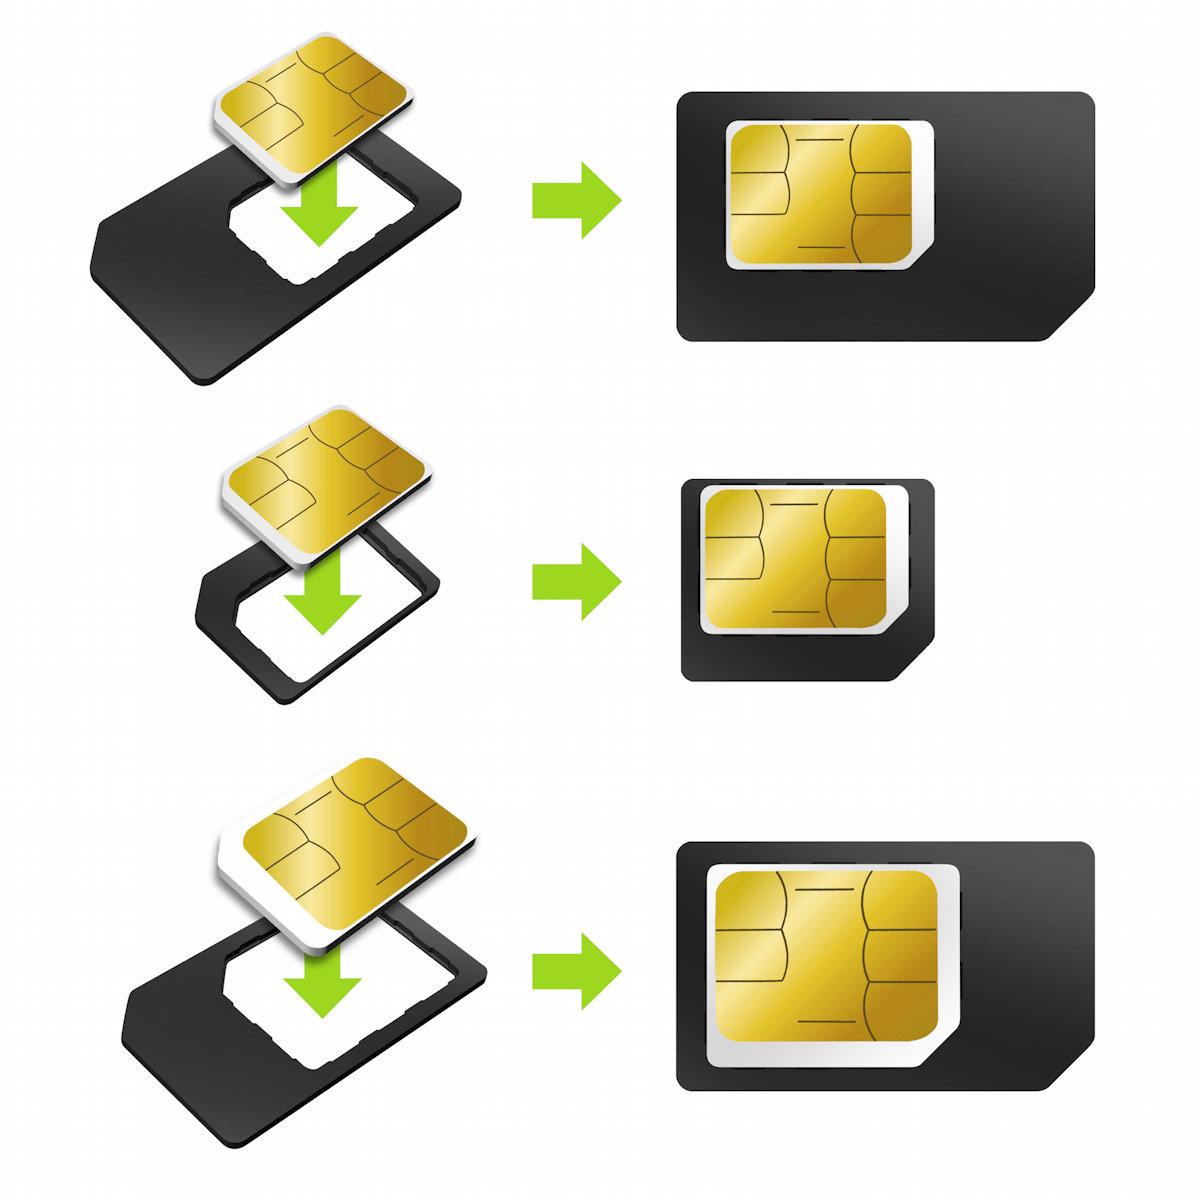 EM8610_Adapter_Sizes.jpg